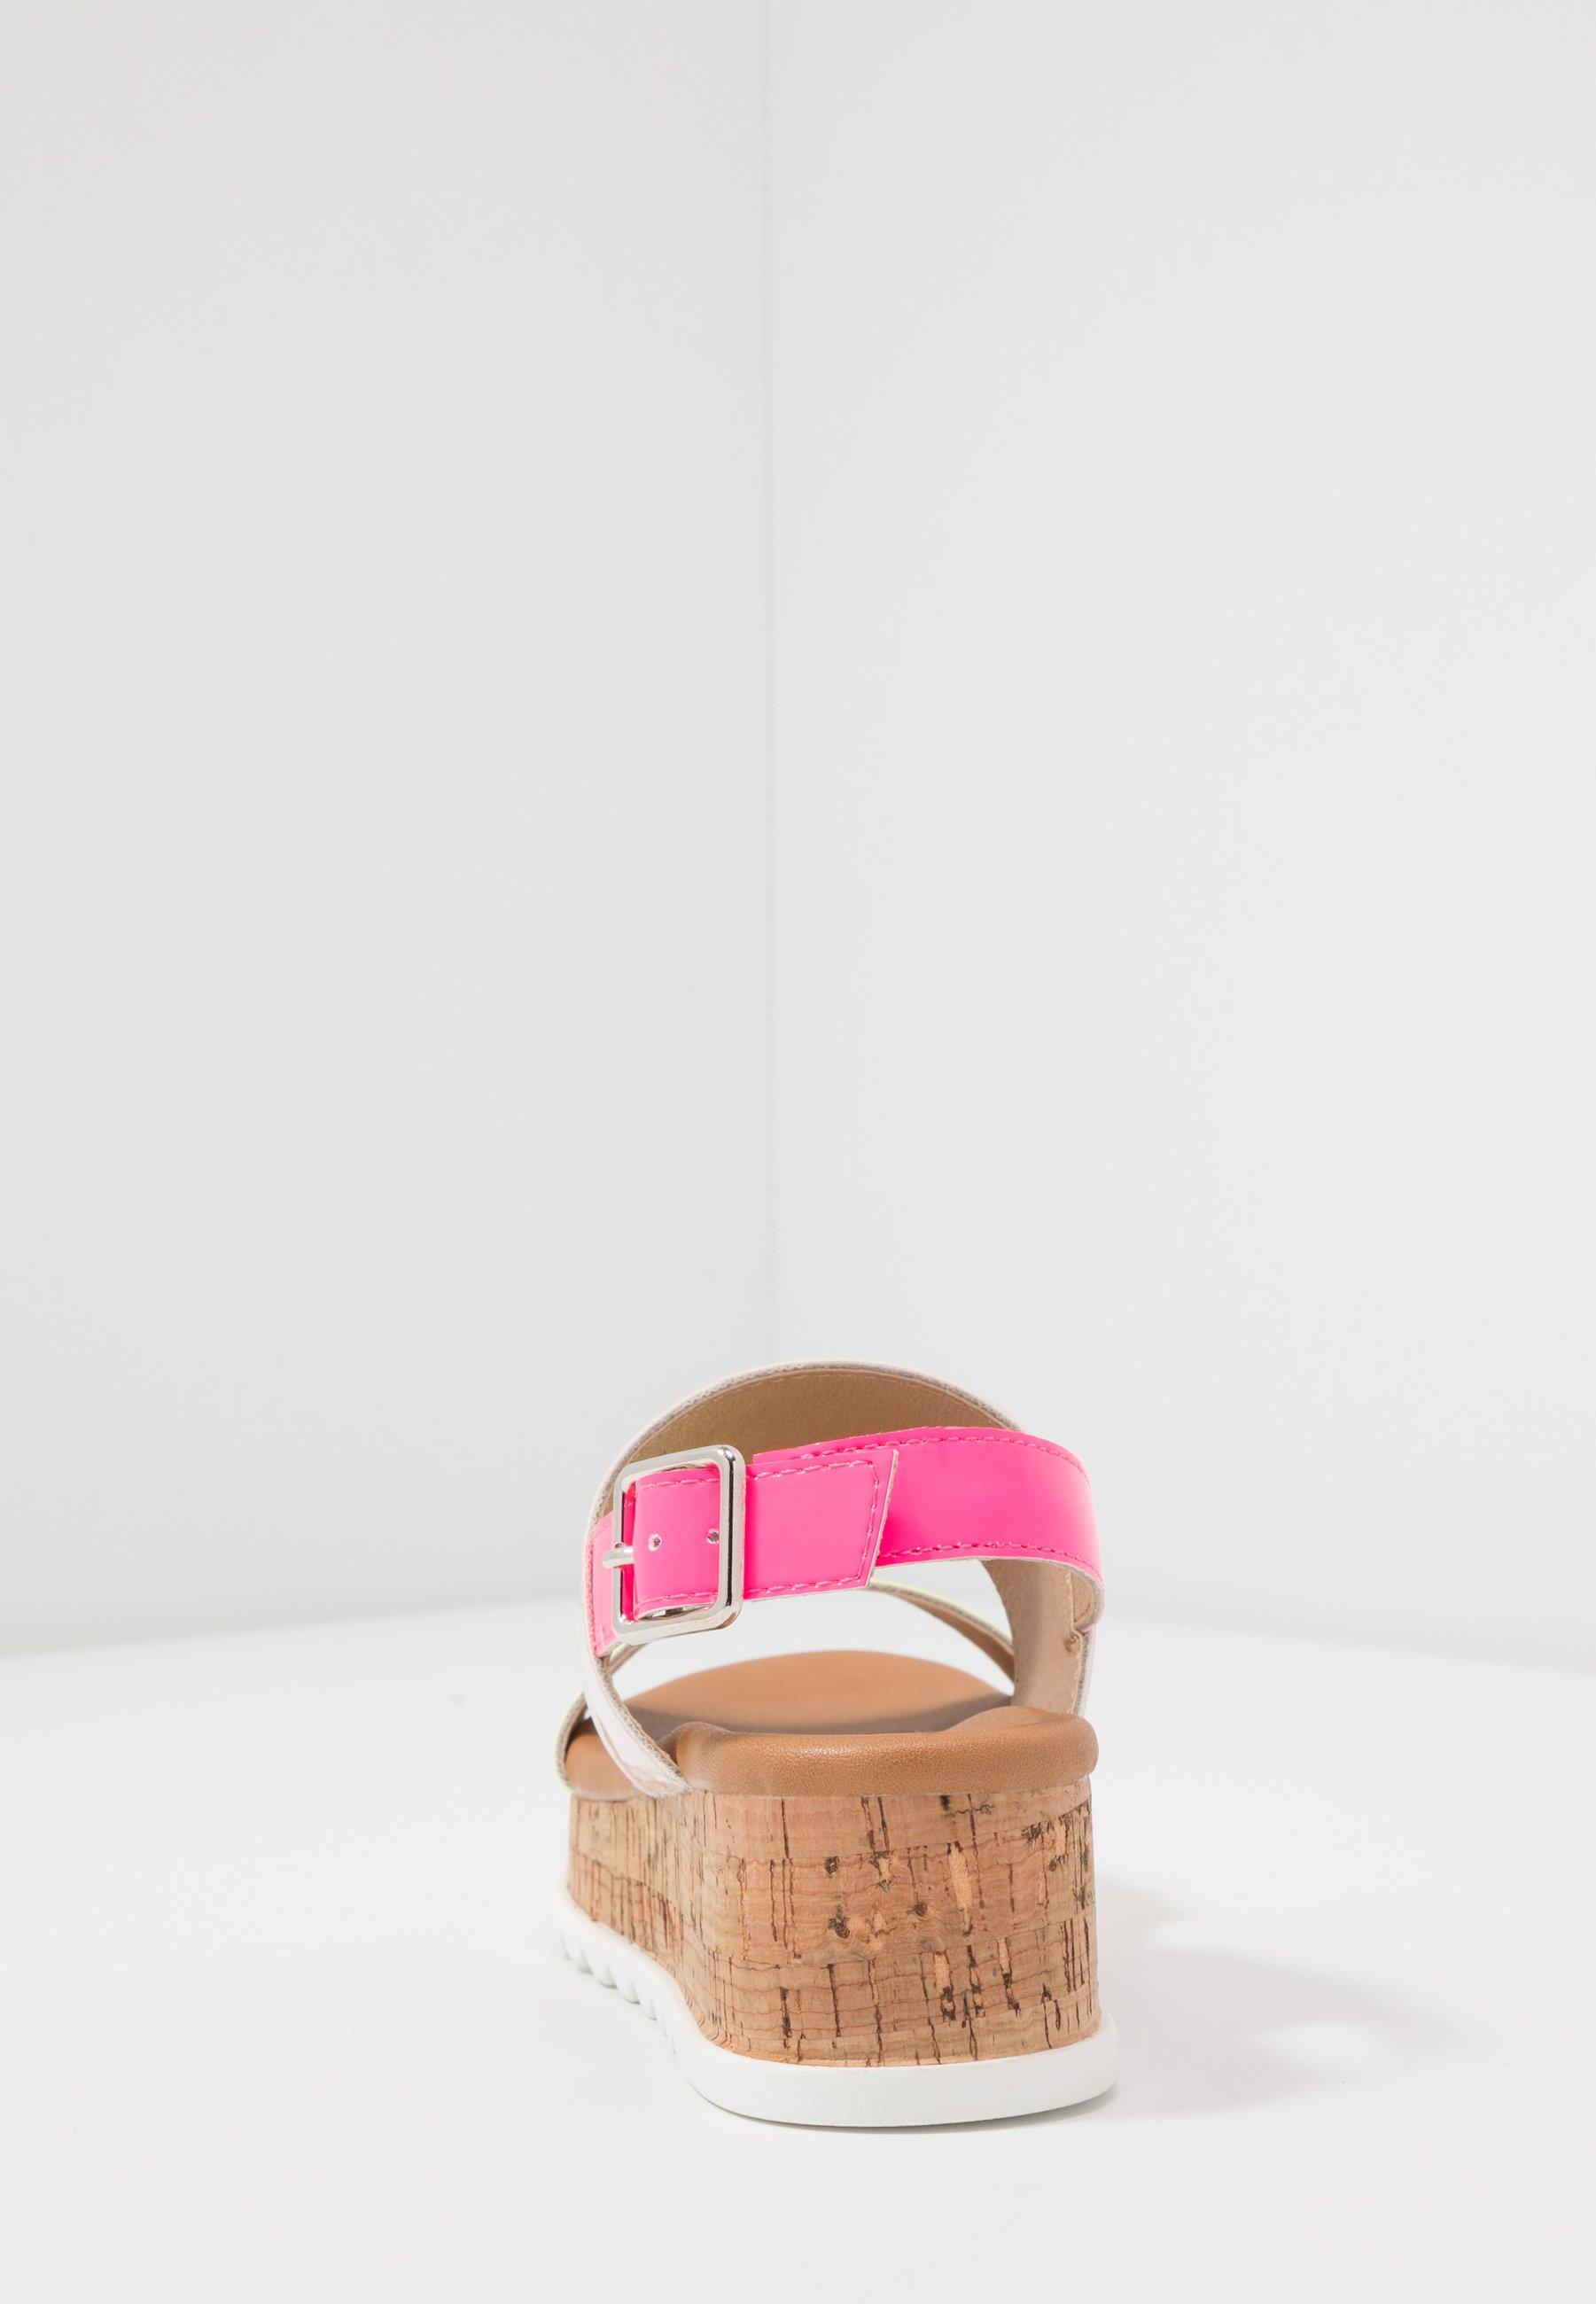 A hoy Steve Madden JBRENDAA - Sandalias - multicolor | Zapatos para niños 2020 aX8mv